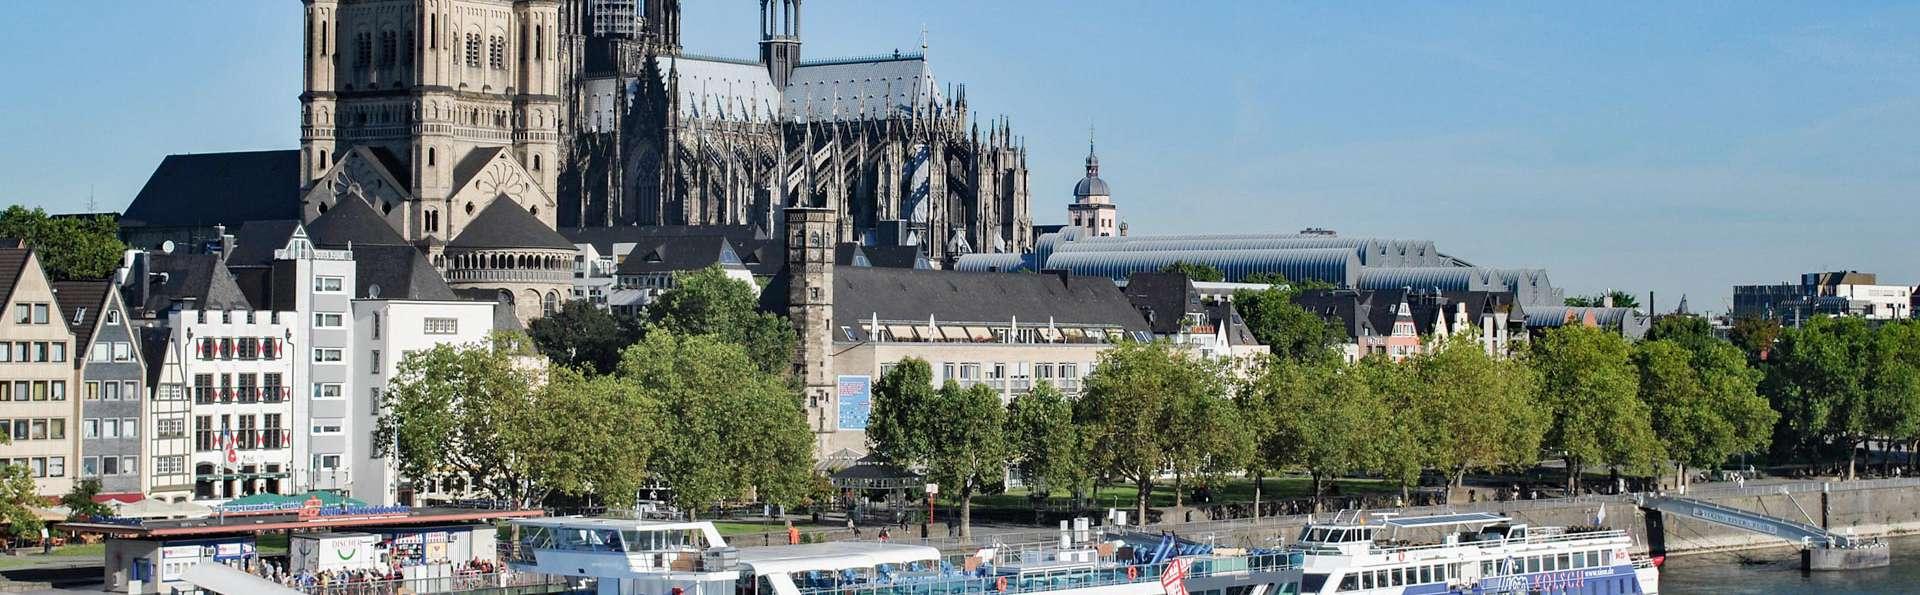 Escapada a Colonia con paseo en barco por el río